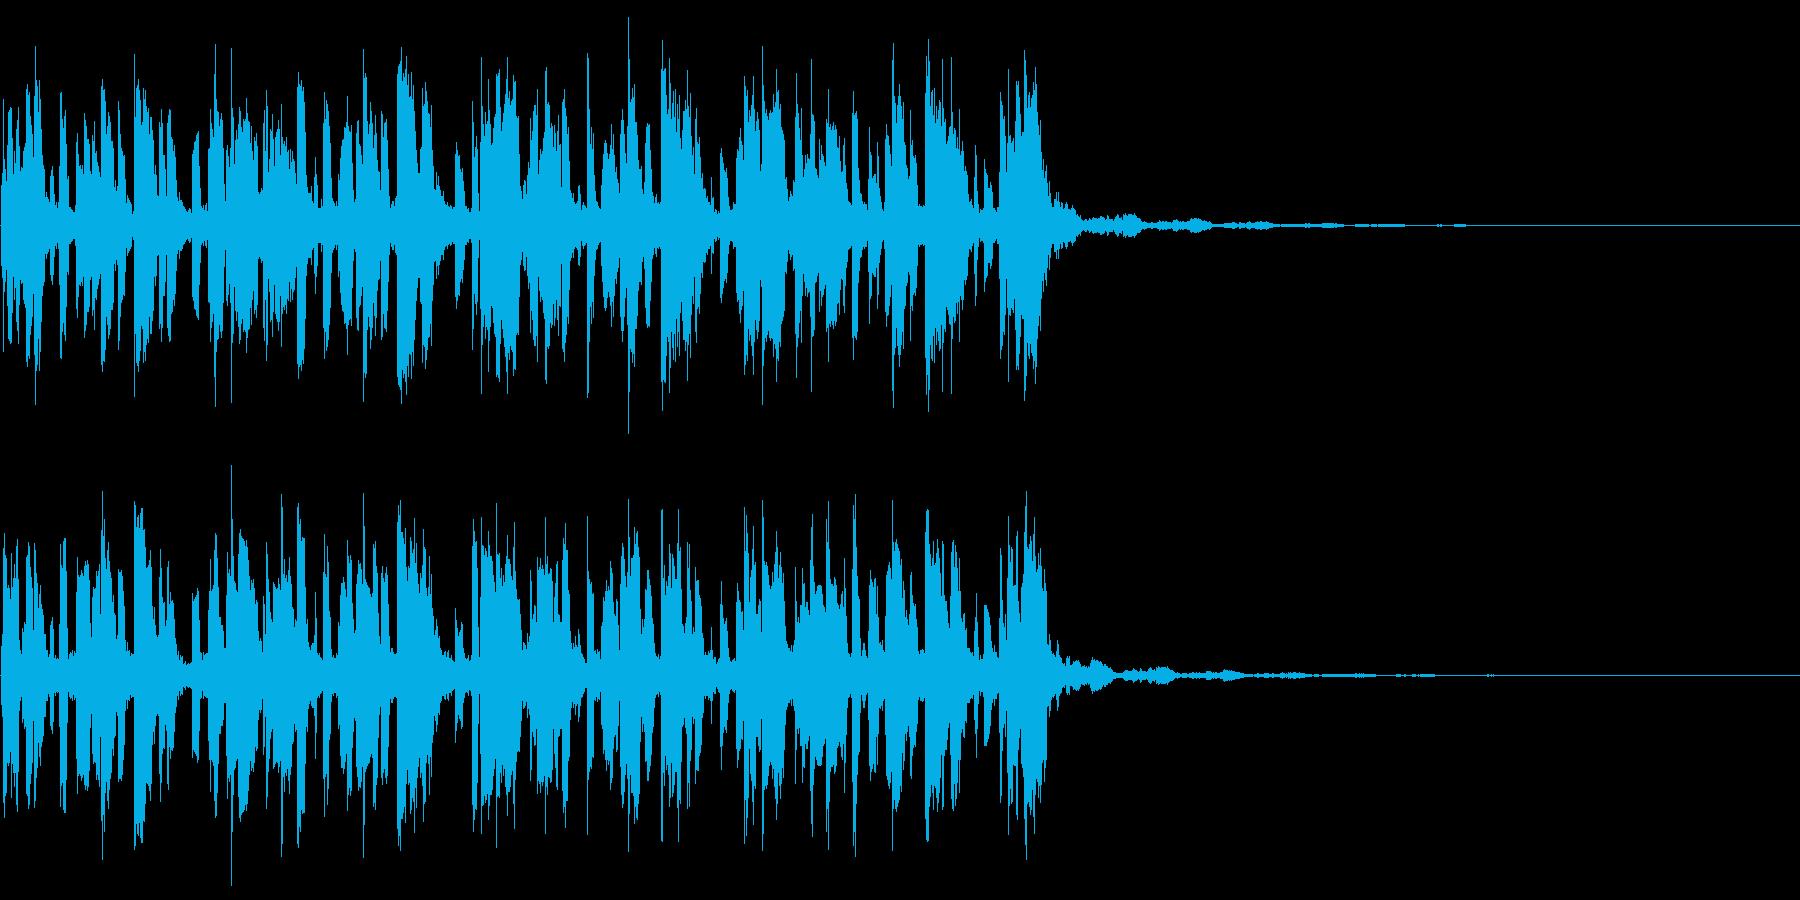 ループとしてゲーム・映像などあらゆるシ…の再生済みの波形